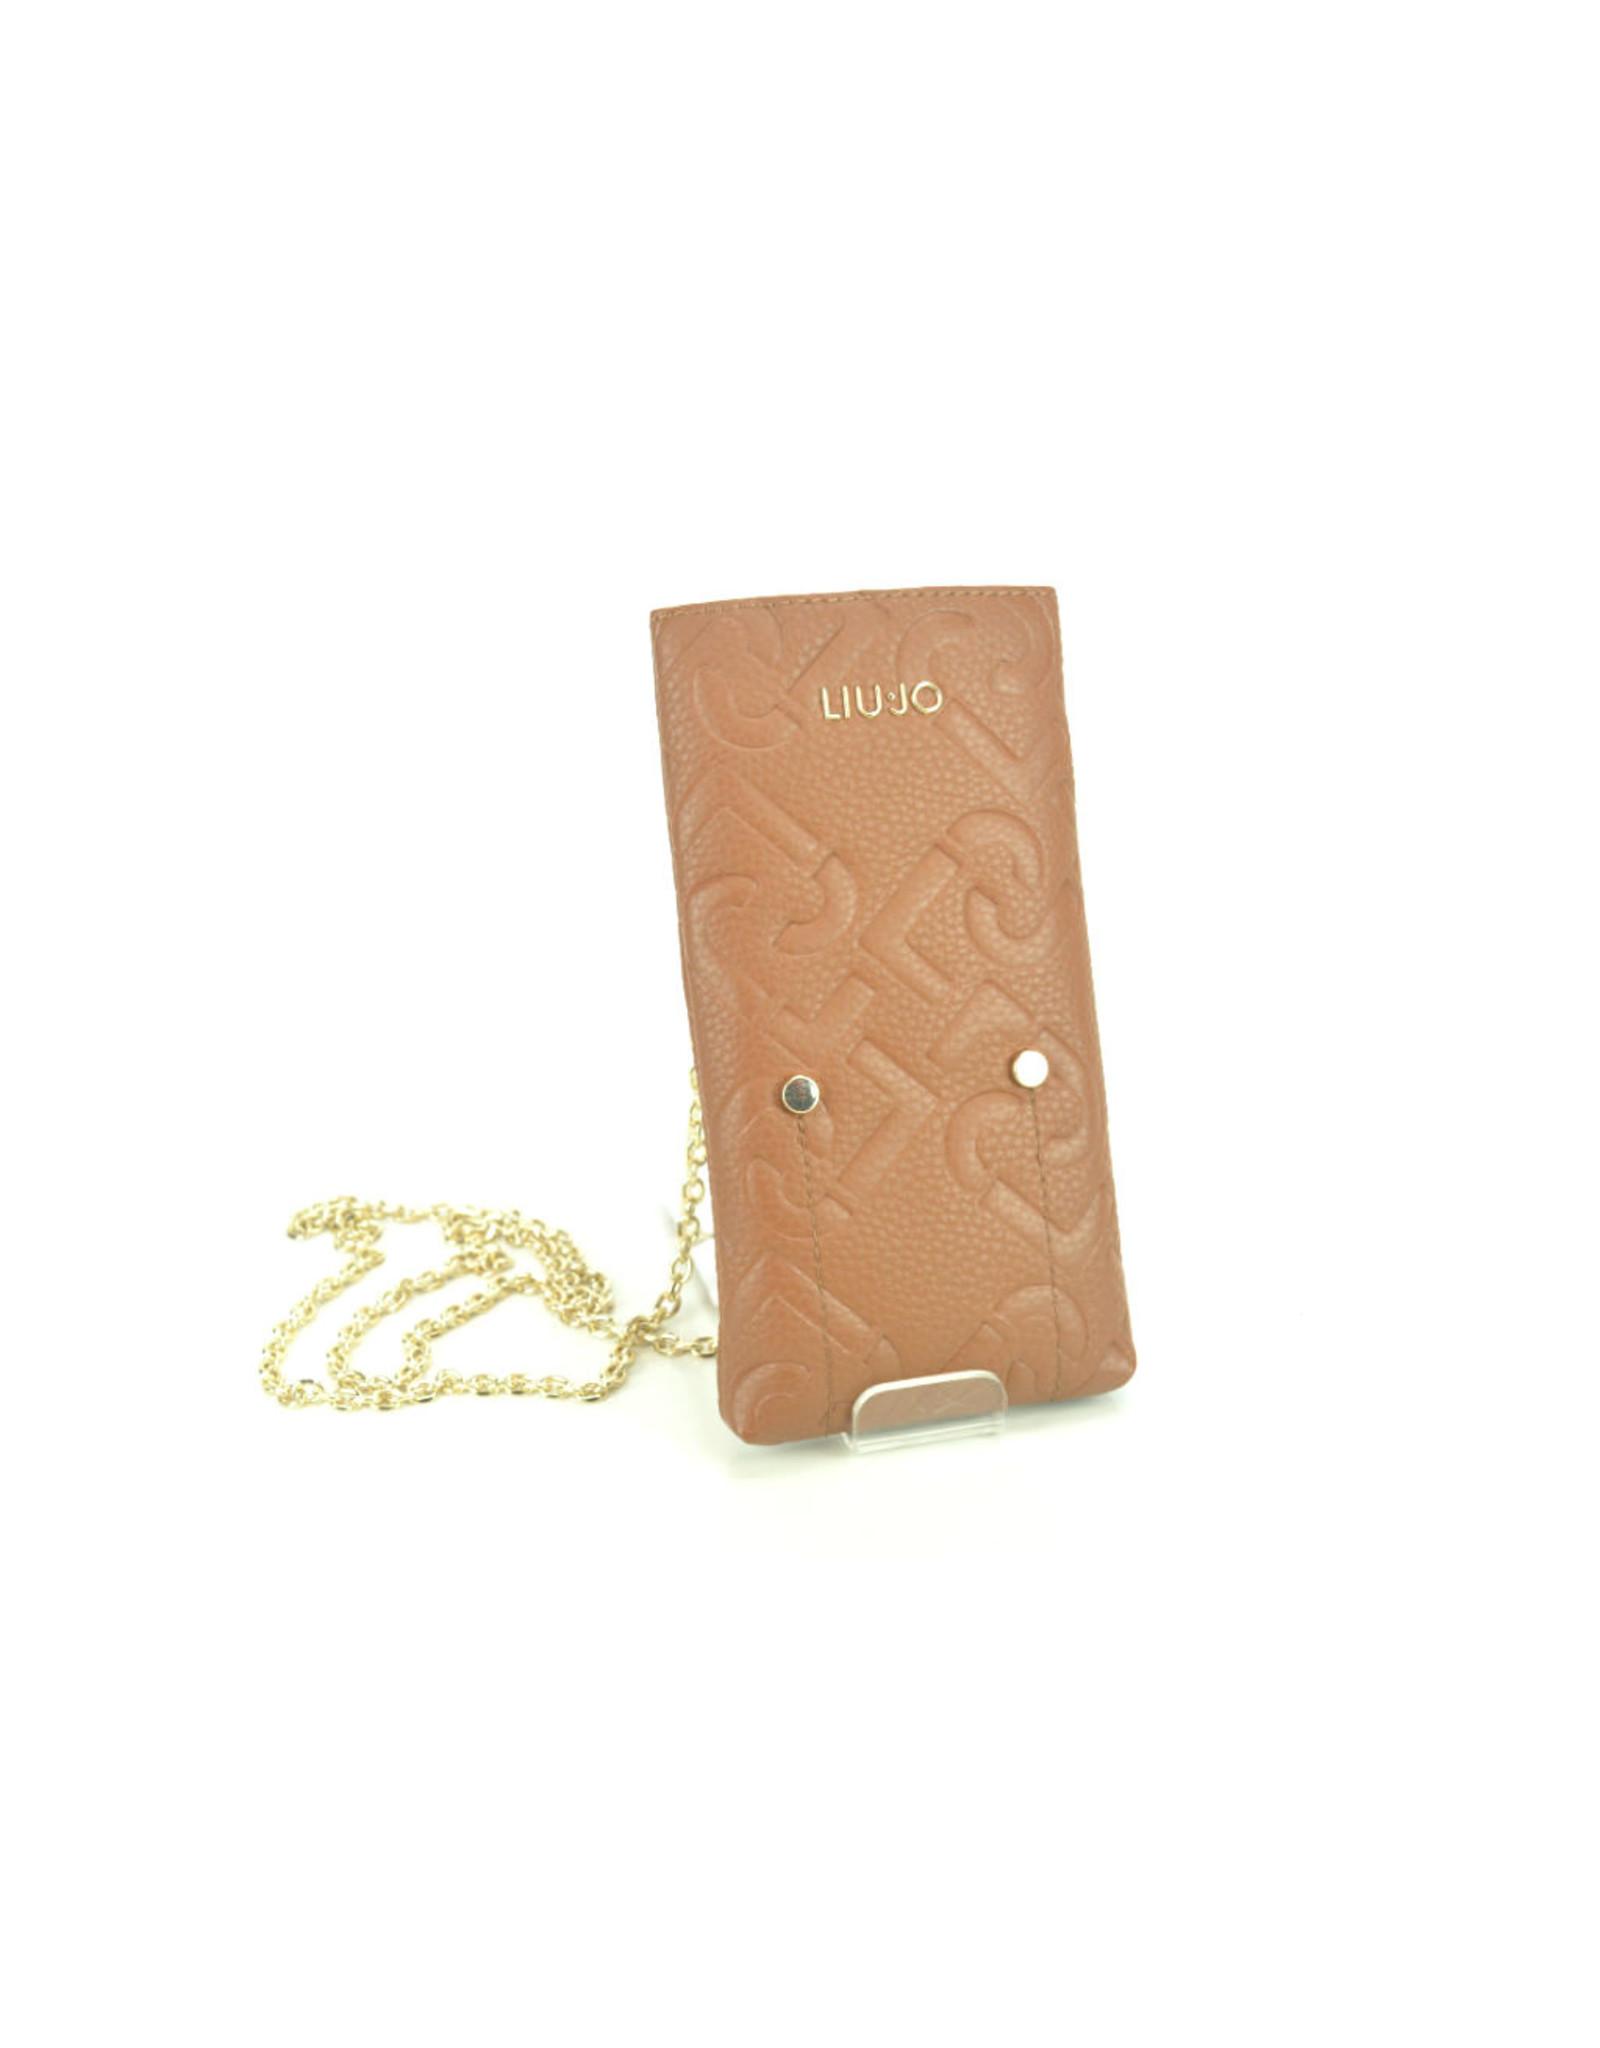 Liu Jo 10089 cognac bruin